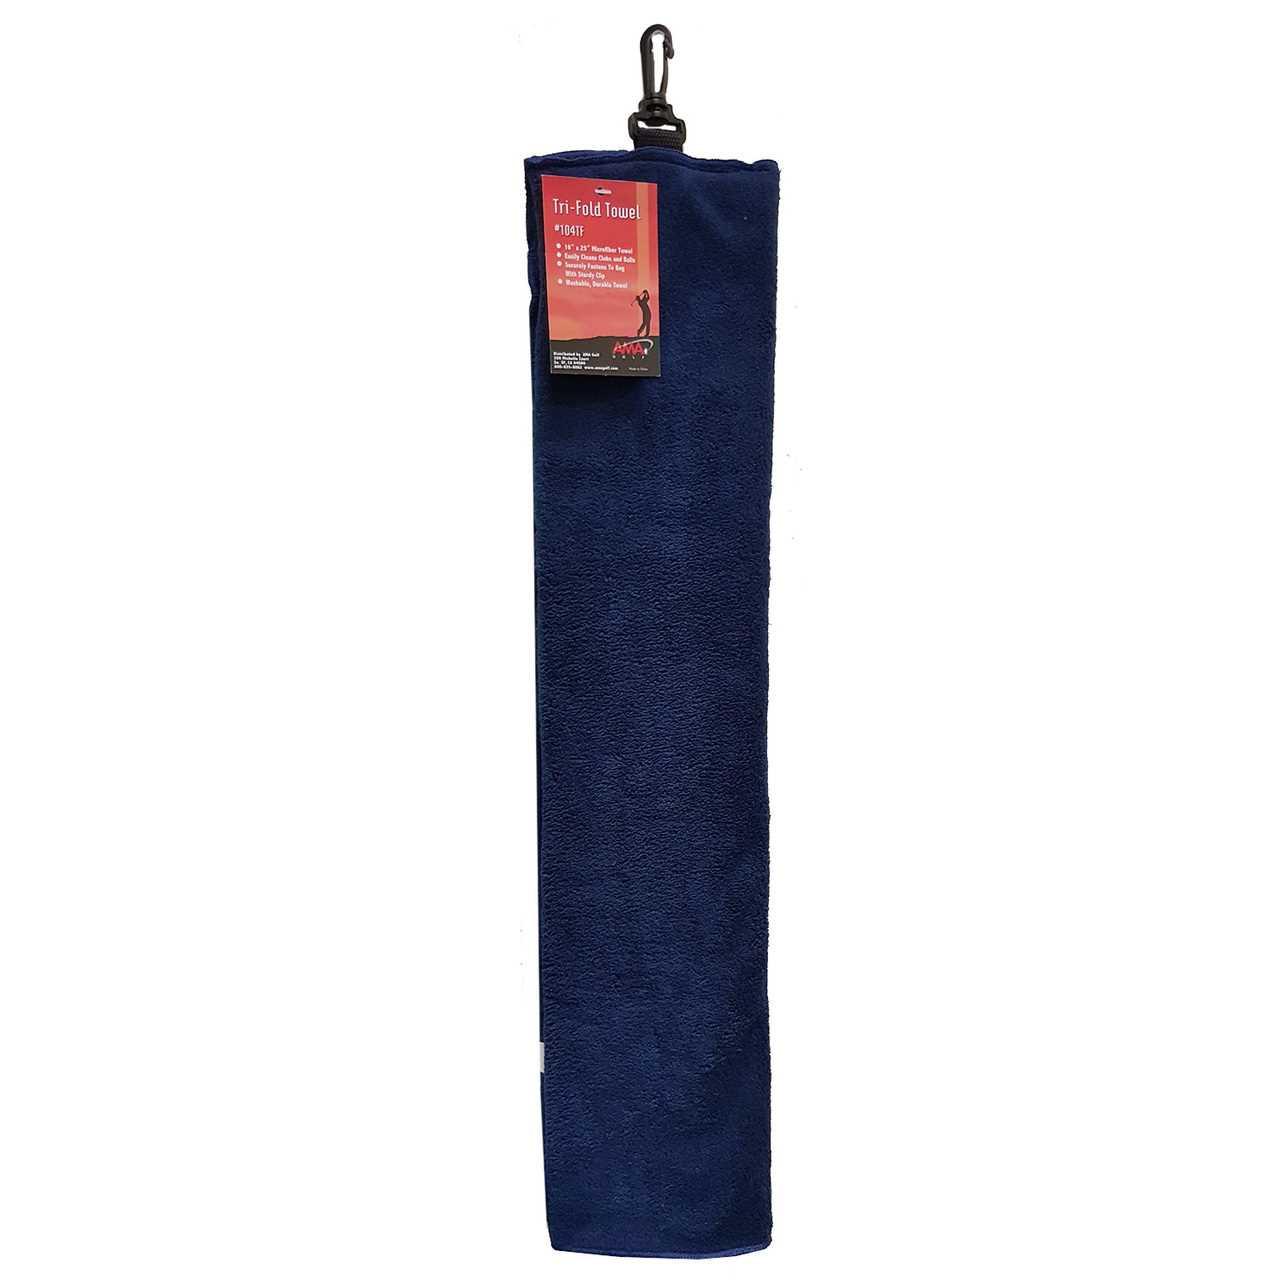 Ama Golf Tri Fold Towel Navy